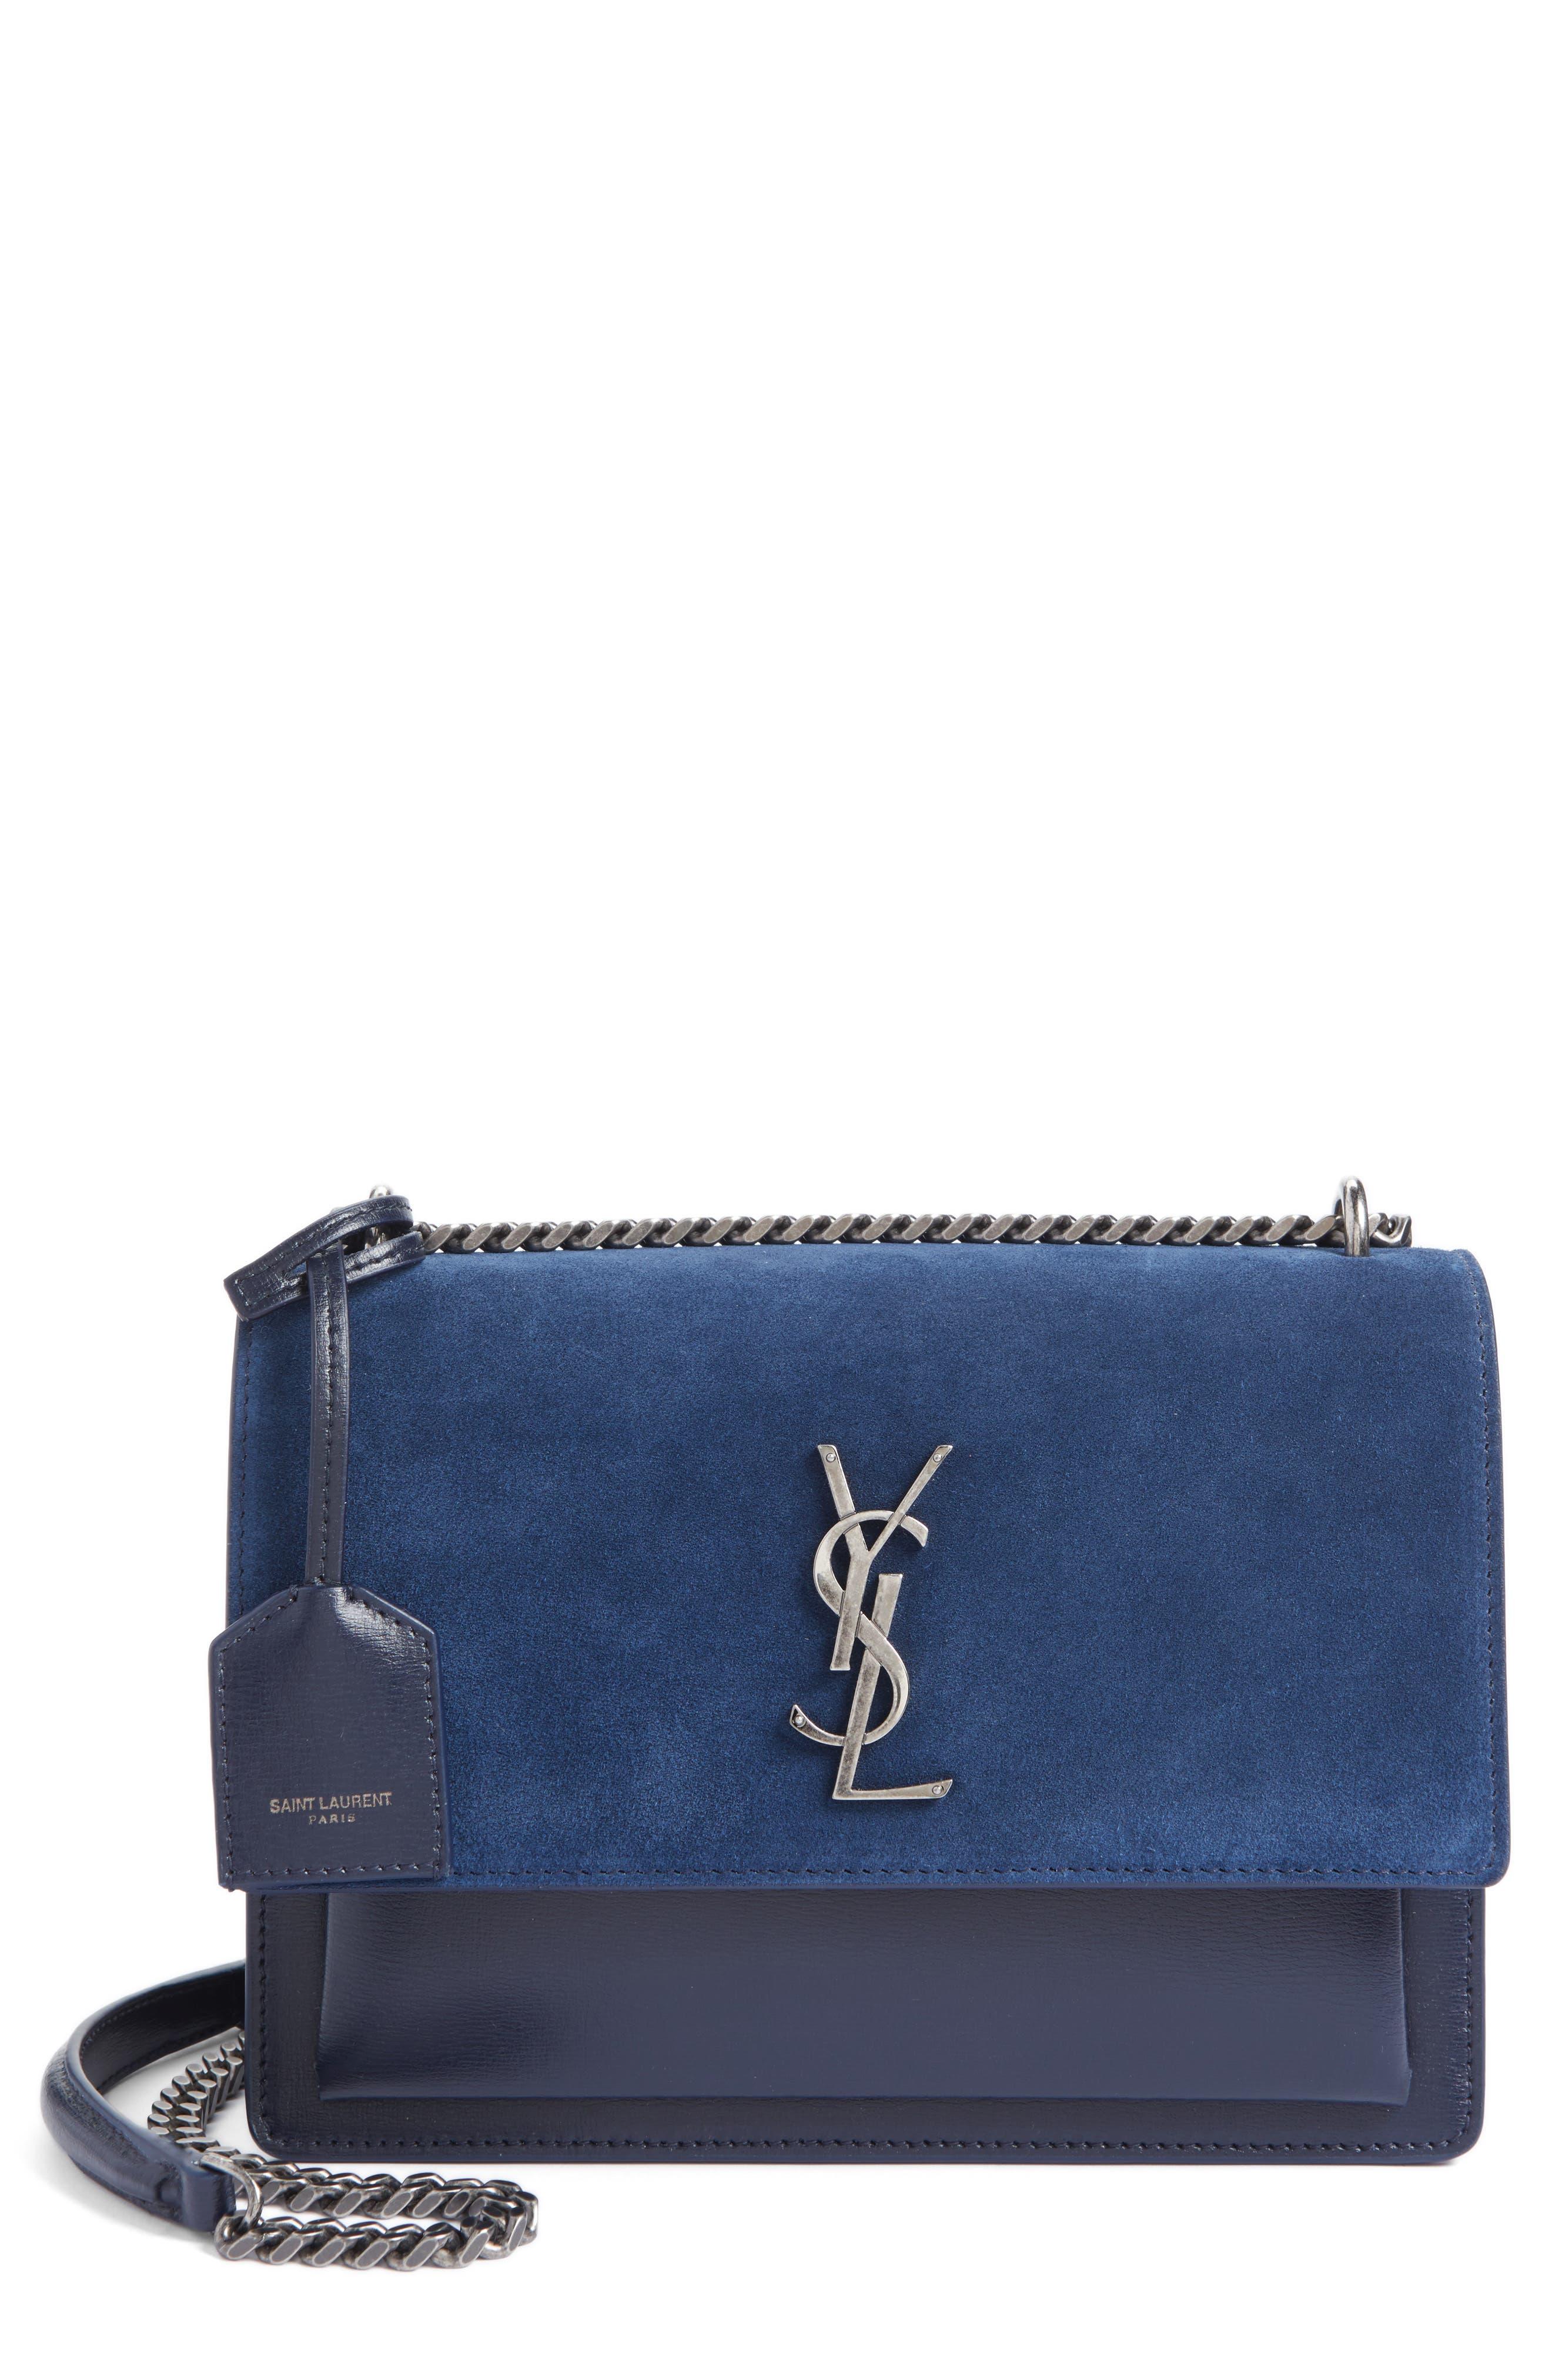 Alternate Image 1 Selected - Saint Laurent Medium Sunset Leather & Suede Shoulder Bag